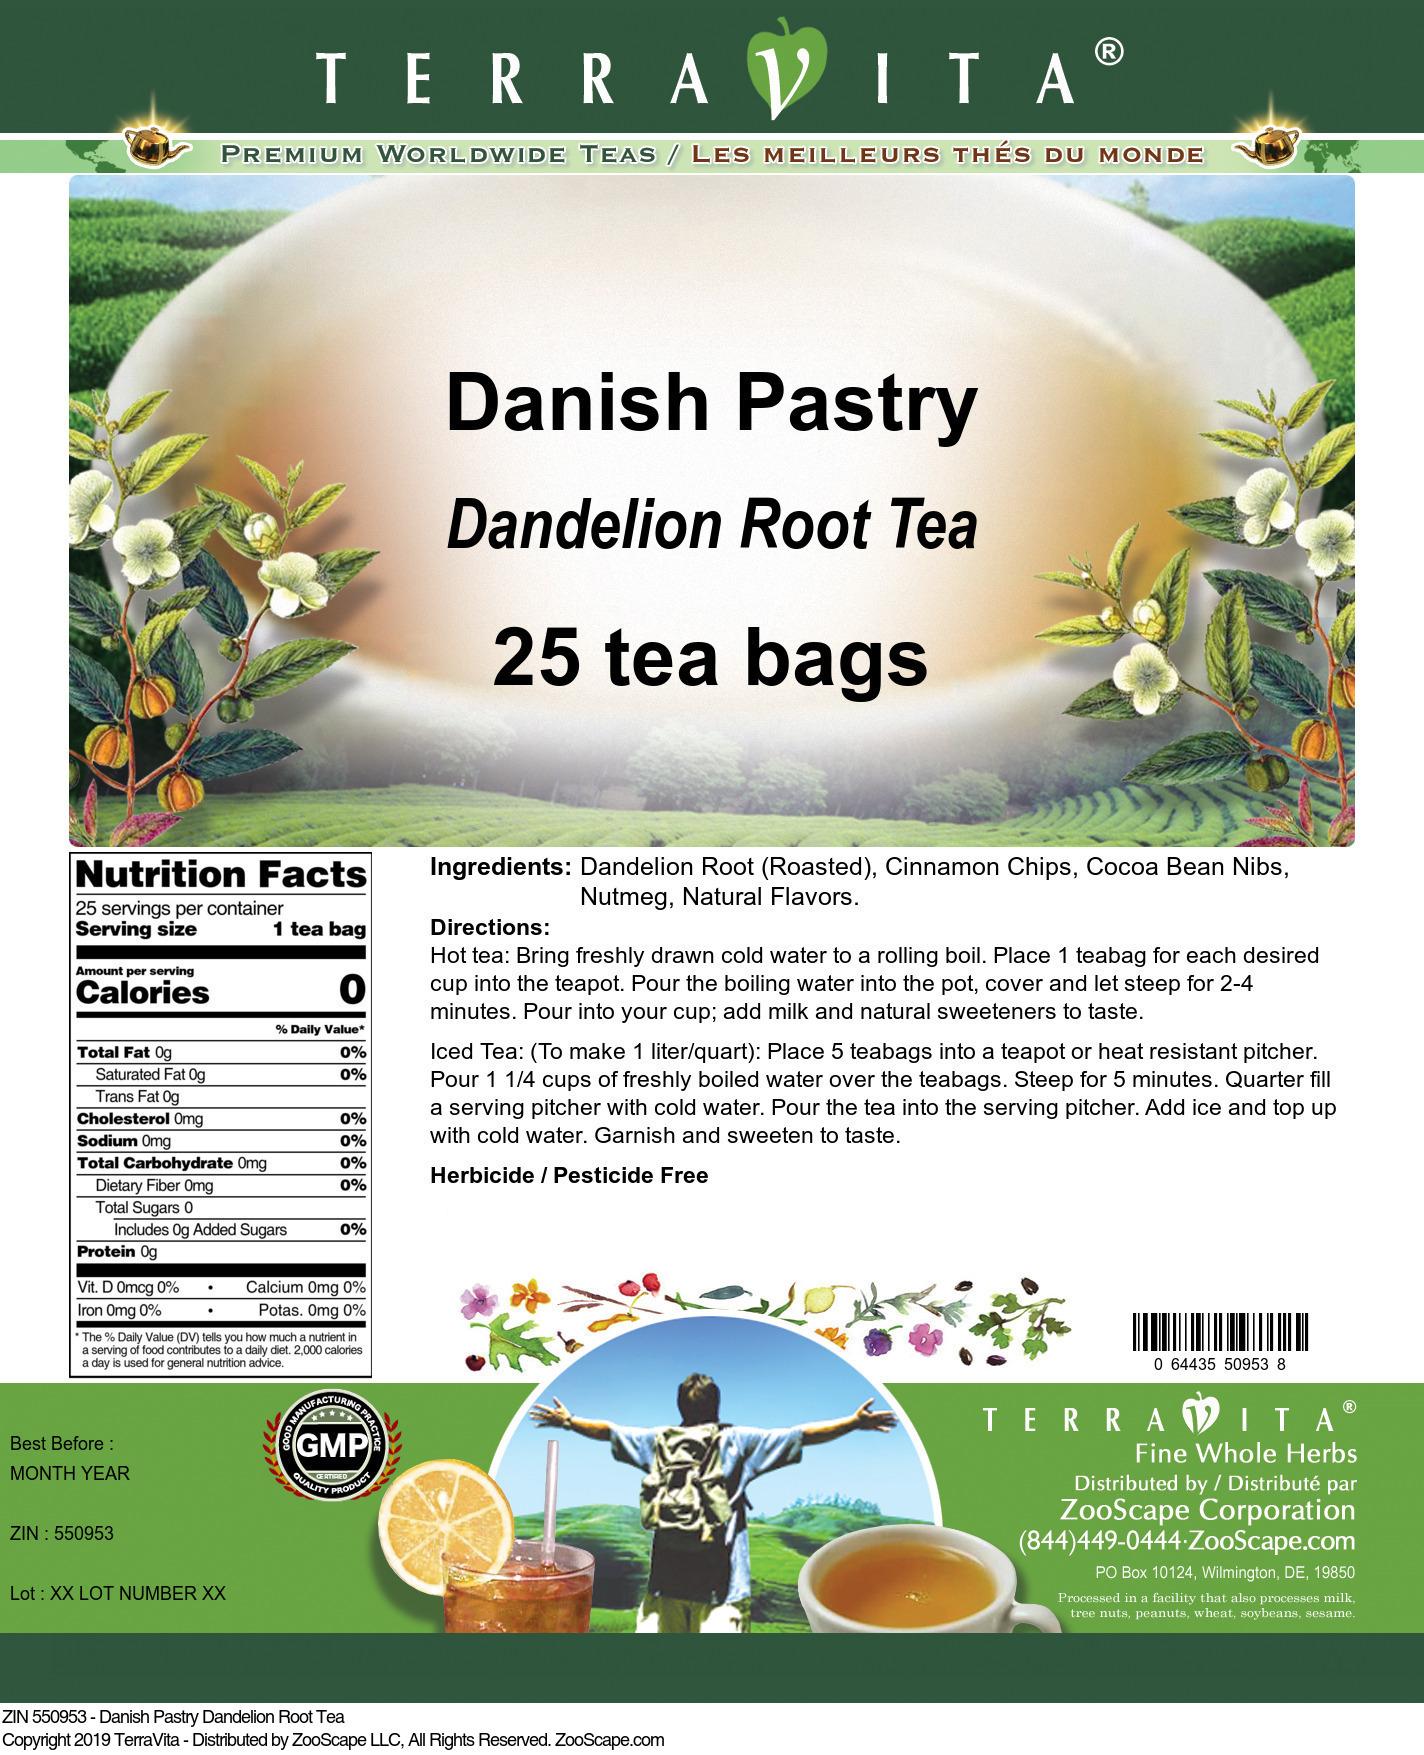 Danish Pastry Dandelion Root Tea